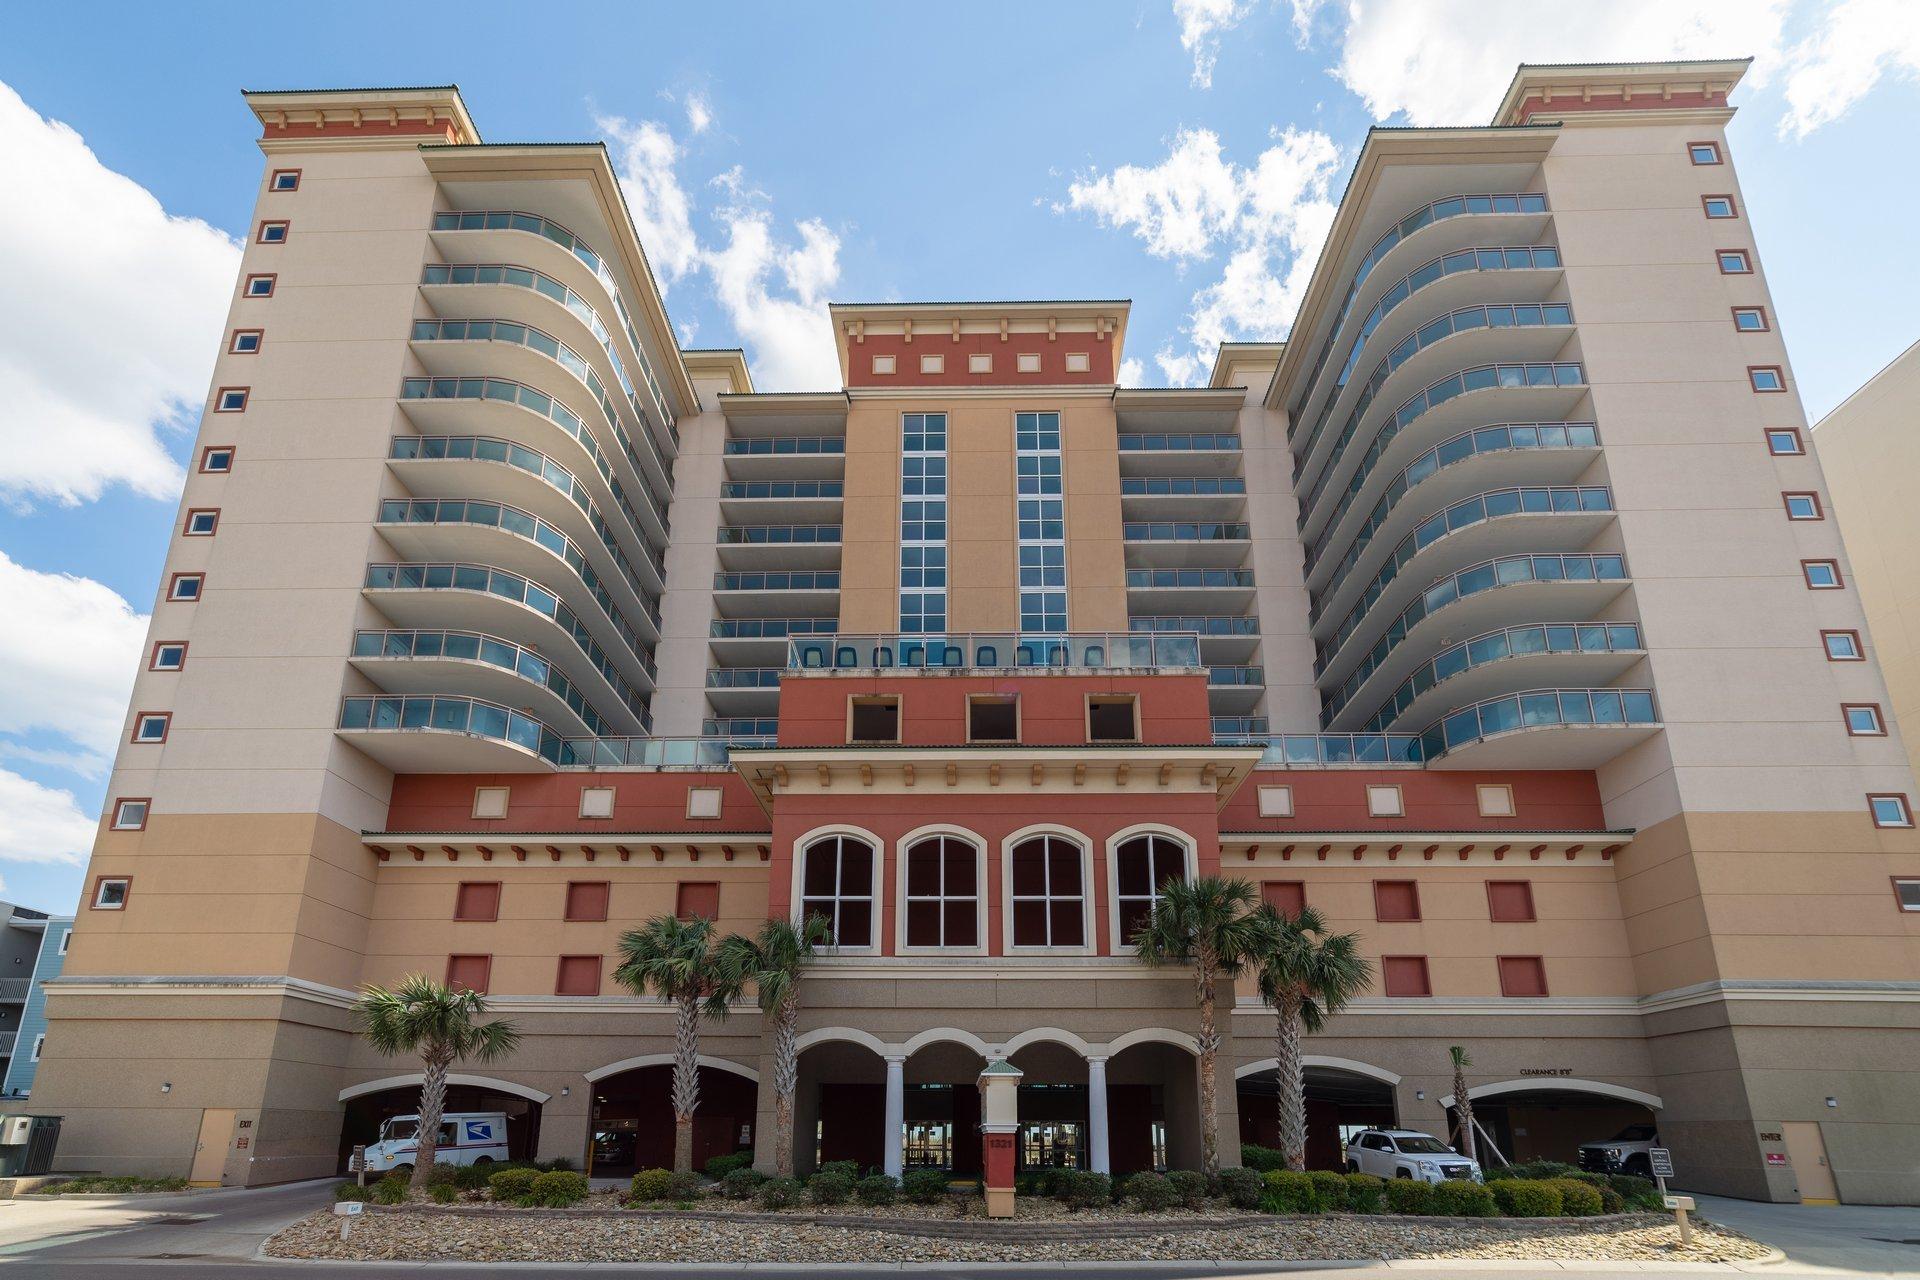 Bahama Sands Resort North Myrtle Beach Oceanfront Condo